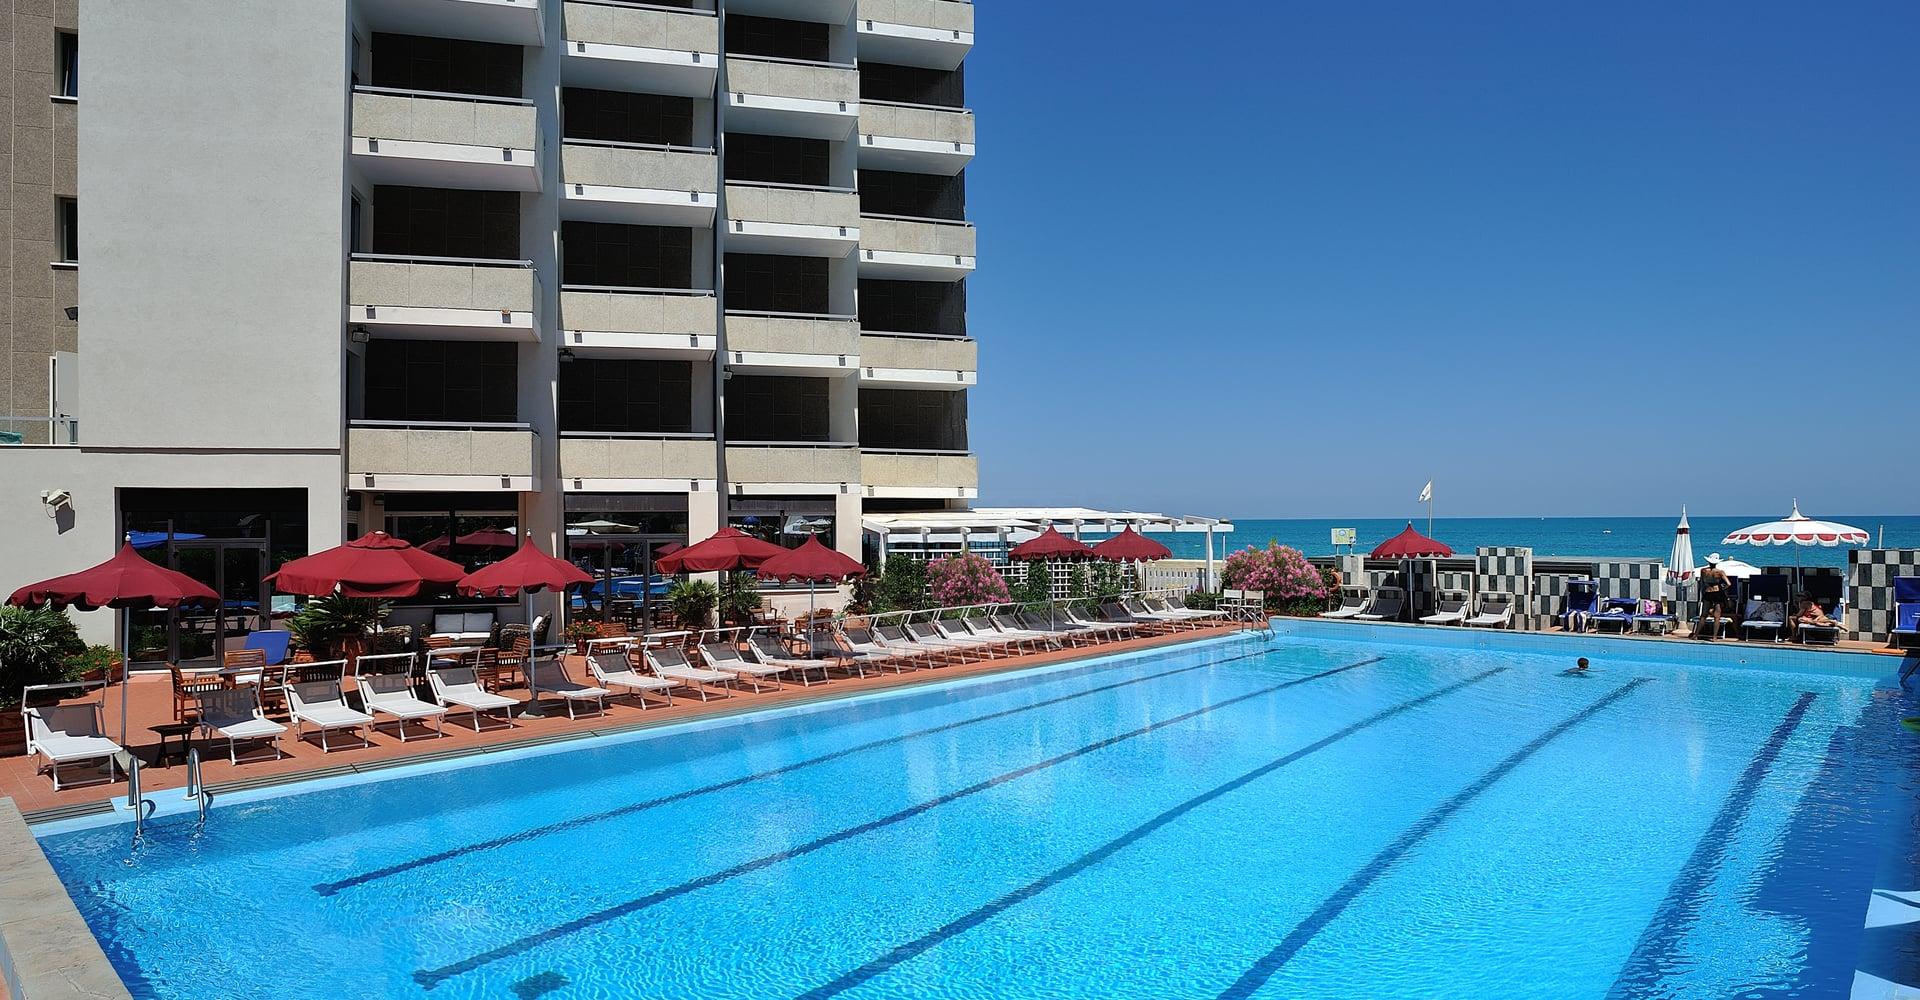 Hotel con piscina a pesaro imperial sport hotel for Piccoli piani di costruzione dell hotel